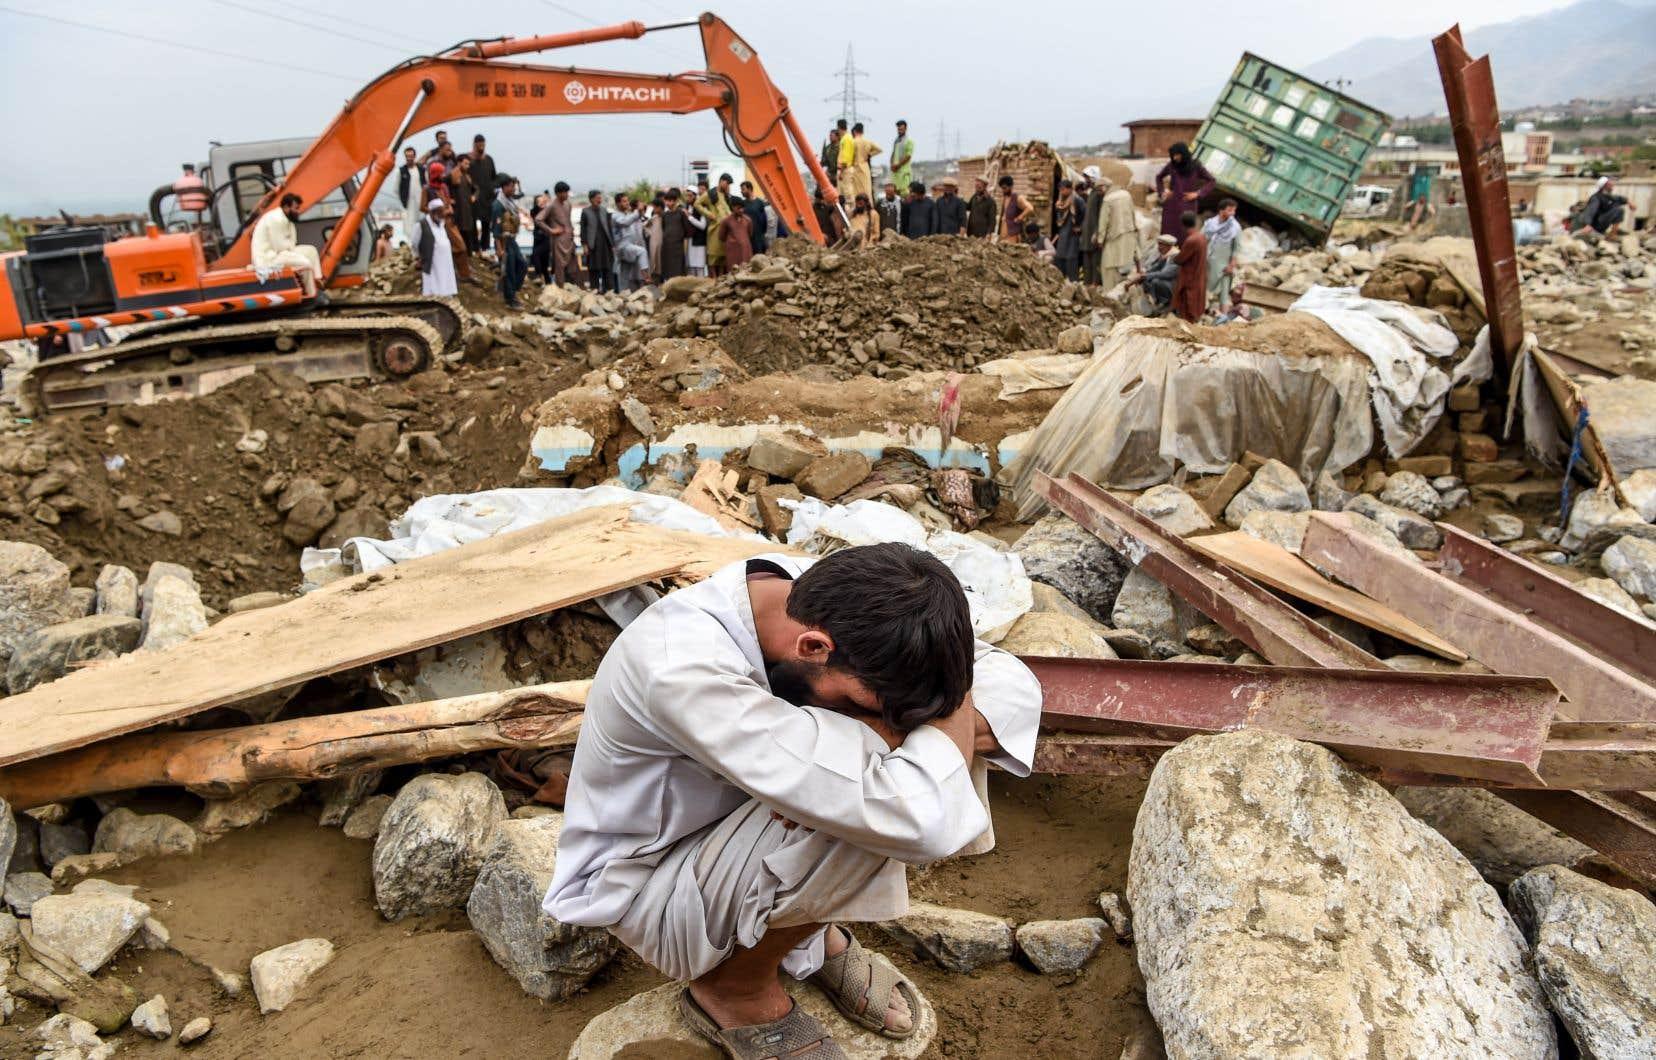 Les sauveteurs, aidés par des engins de terrassement, continuaient à fouiller les décombres, sous l'œil de dizaines d'habitants pataugeant dans la boue.